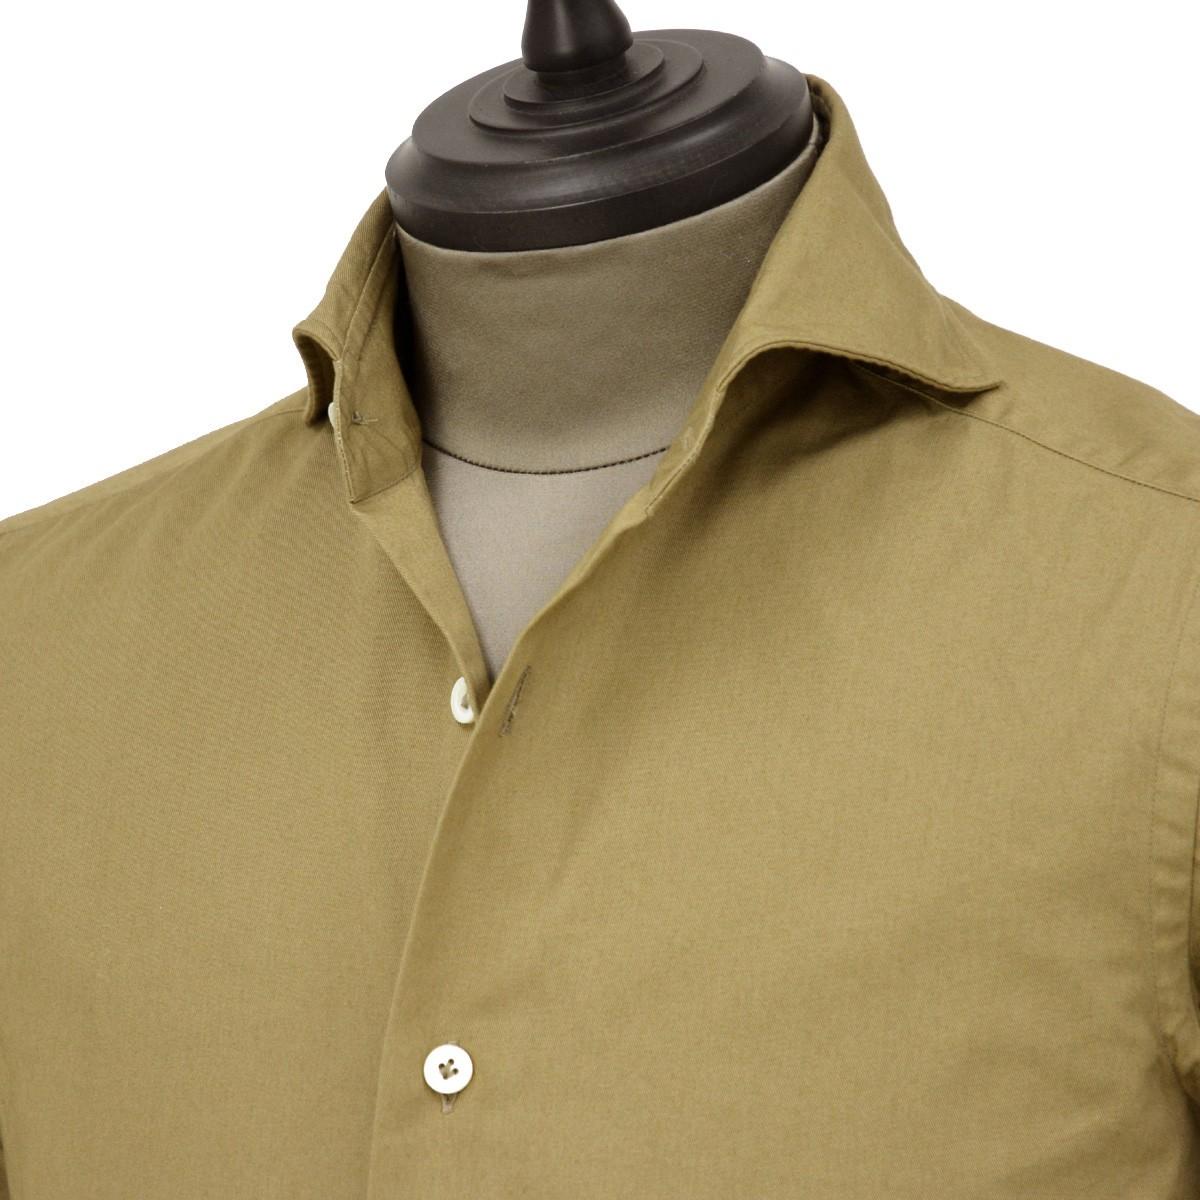 Giannetto【ジャンネット】カジュアルシャツ SLIM FIT 9G11230L84 004 ヘビーコットン ベージュ